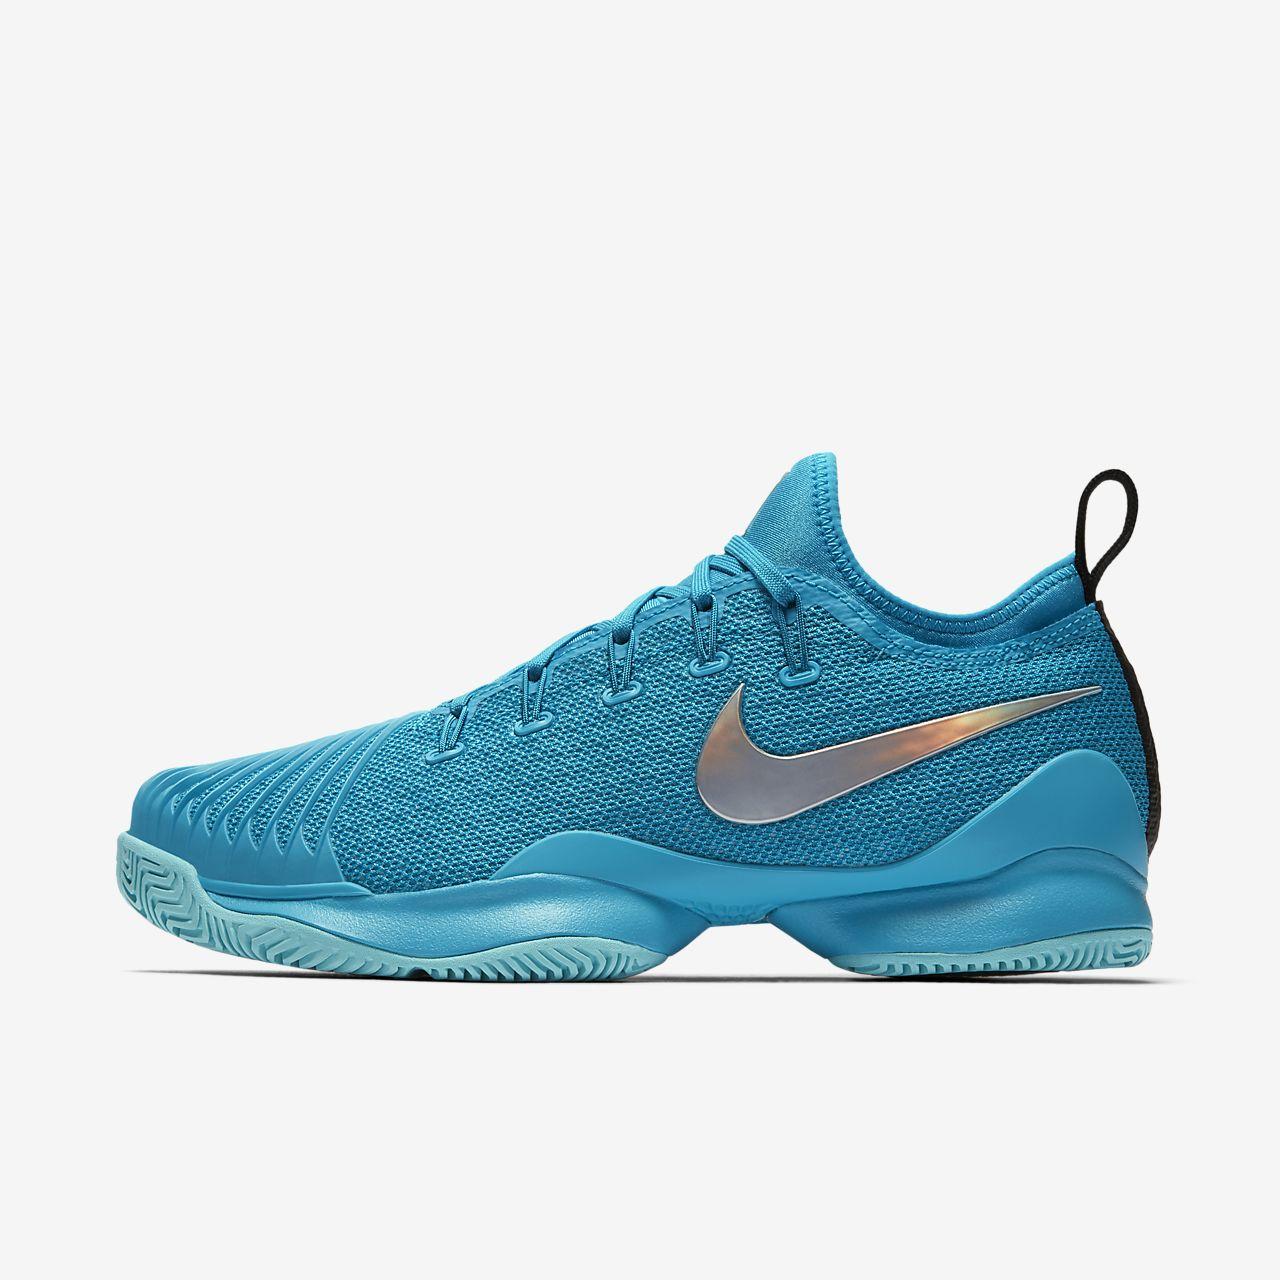 ... NikeCourt Air Zoom Ultra React HC Women's Tennis Shoe